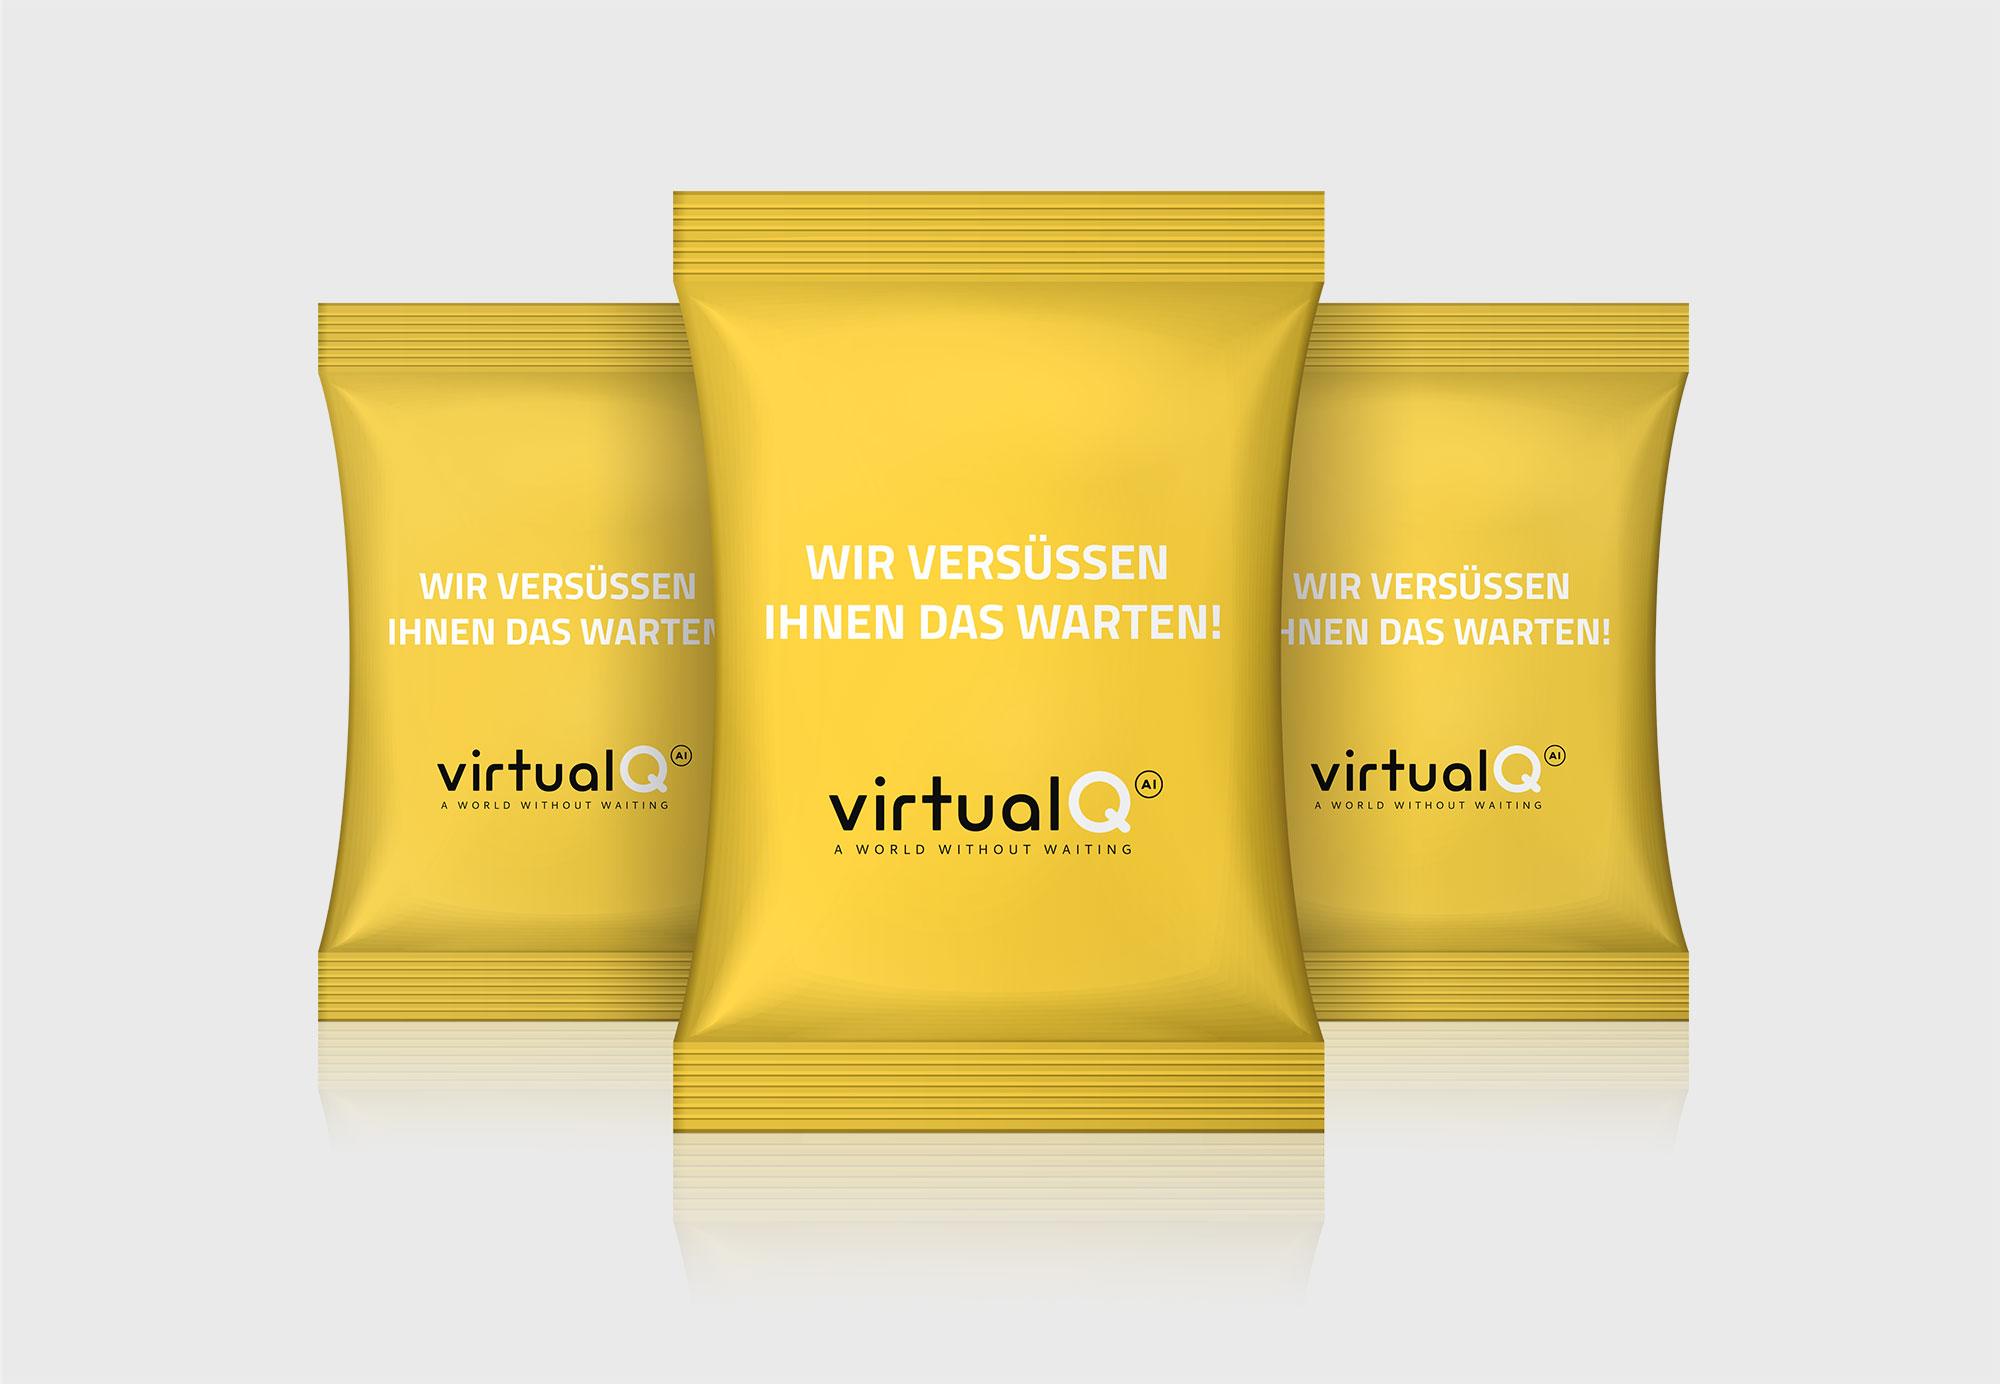 virtualq-05